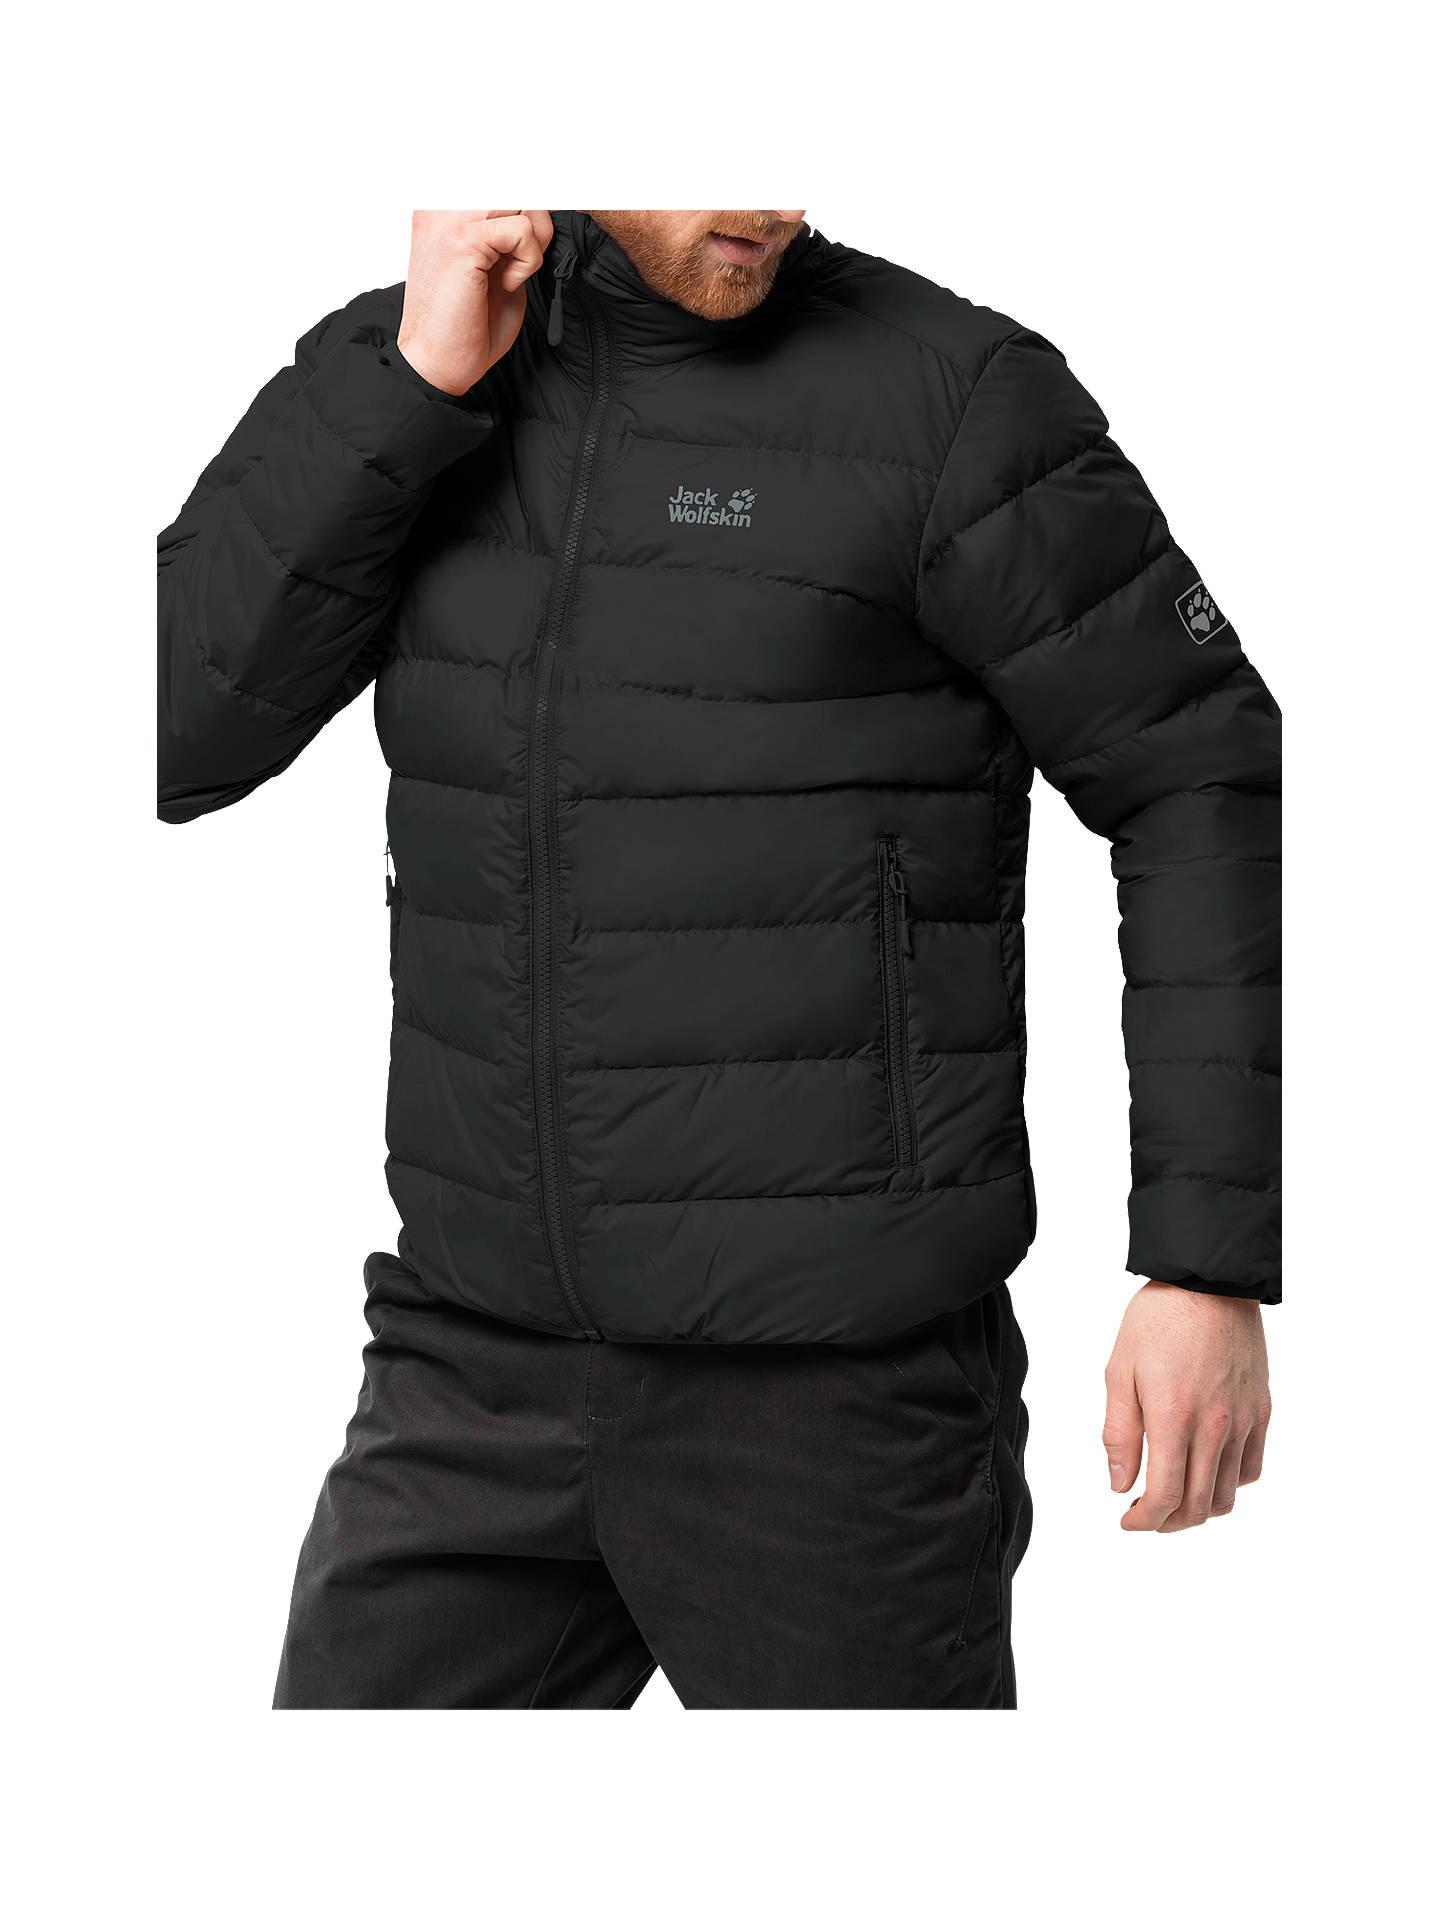 jack wolfskin helium high men 39 s down jacket black at john. Black Bedroom Furniture Sets. Home Design Ideas